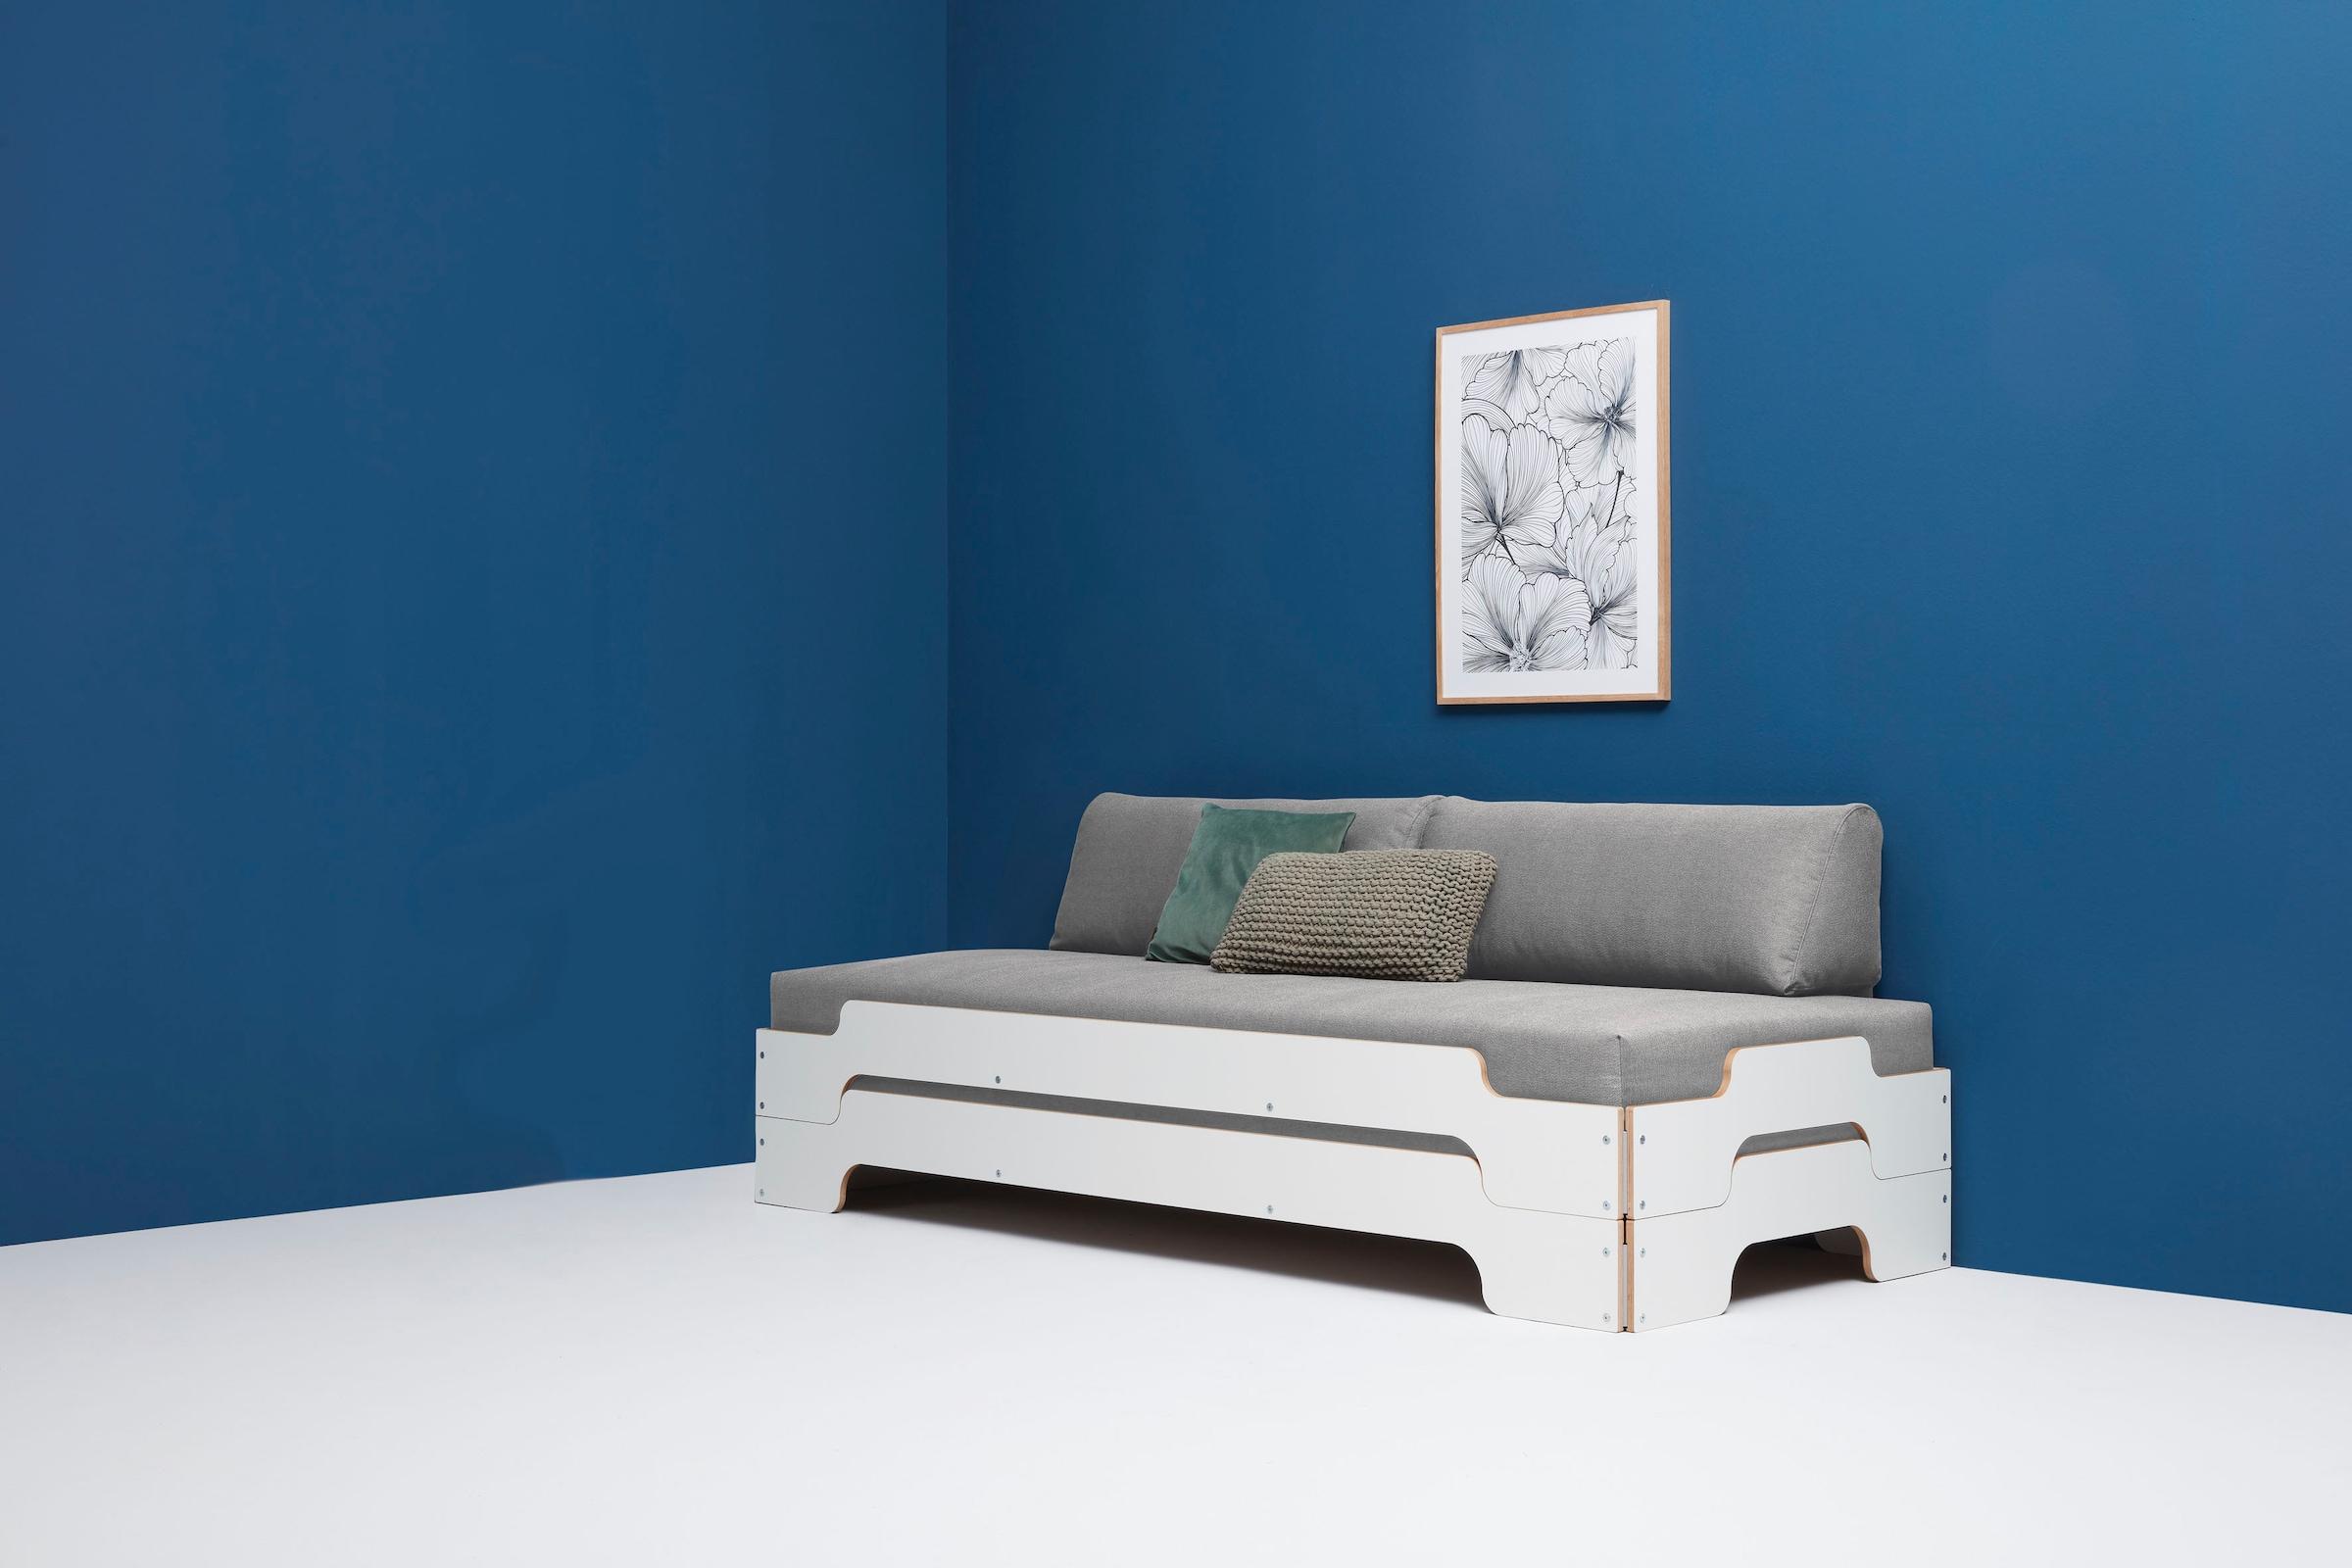 Müller SMALL LIVING Daybett »STAPELLIEGE Komfort-Set«, inklusive 2 bequemen günstig online kaufen